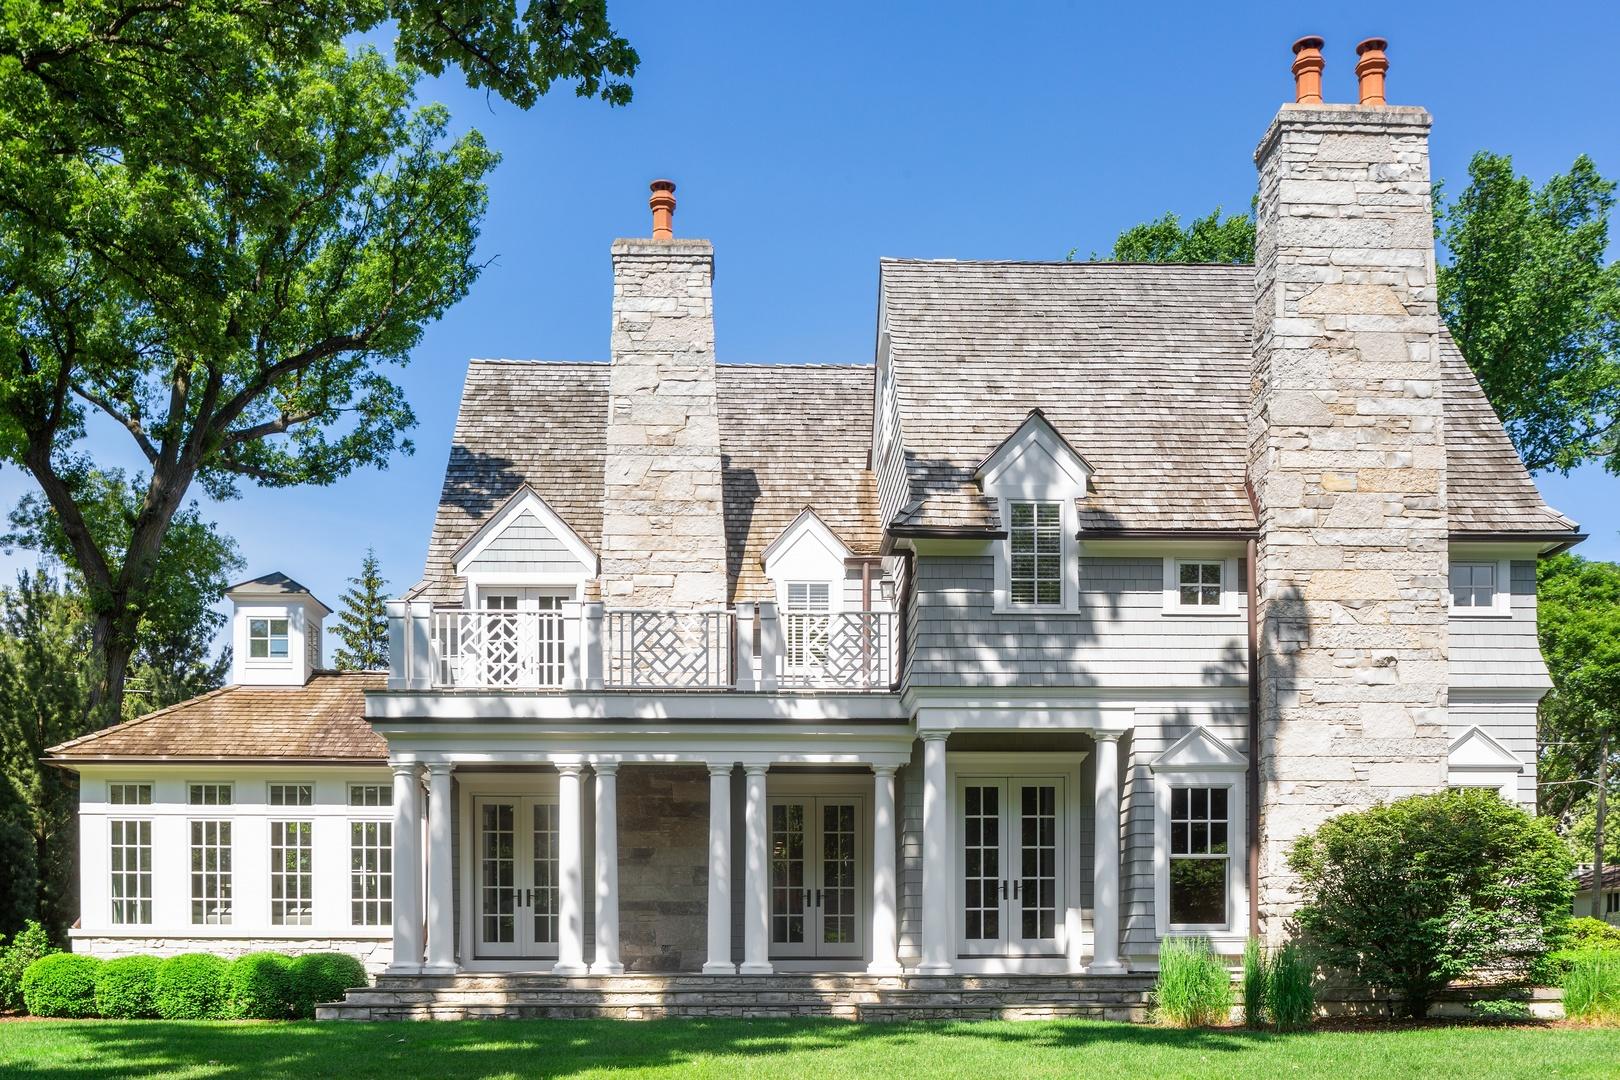 318 Hillcrest, Hinsdale, Illinois, 60521